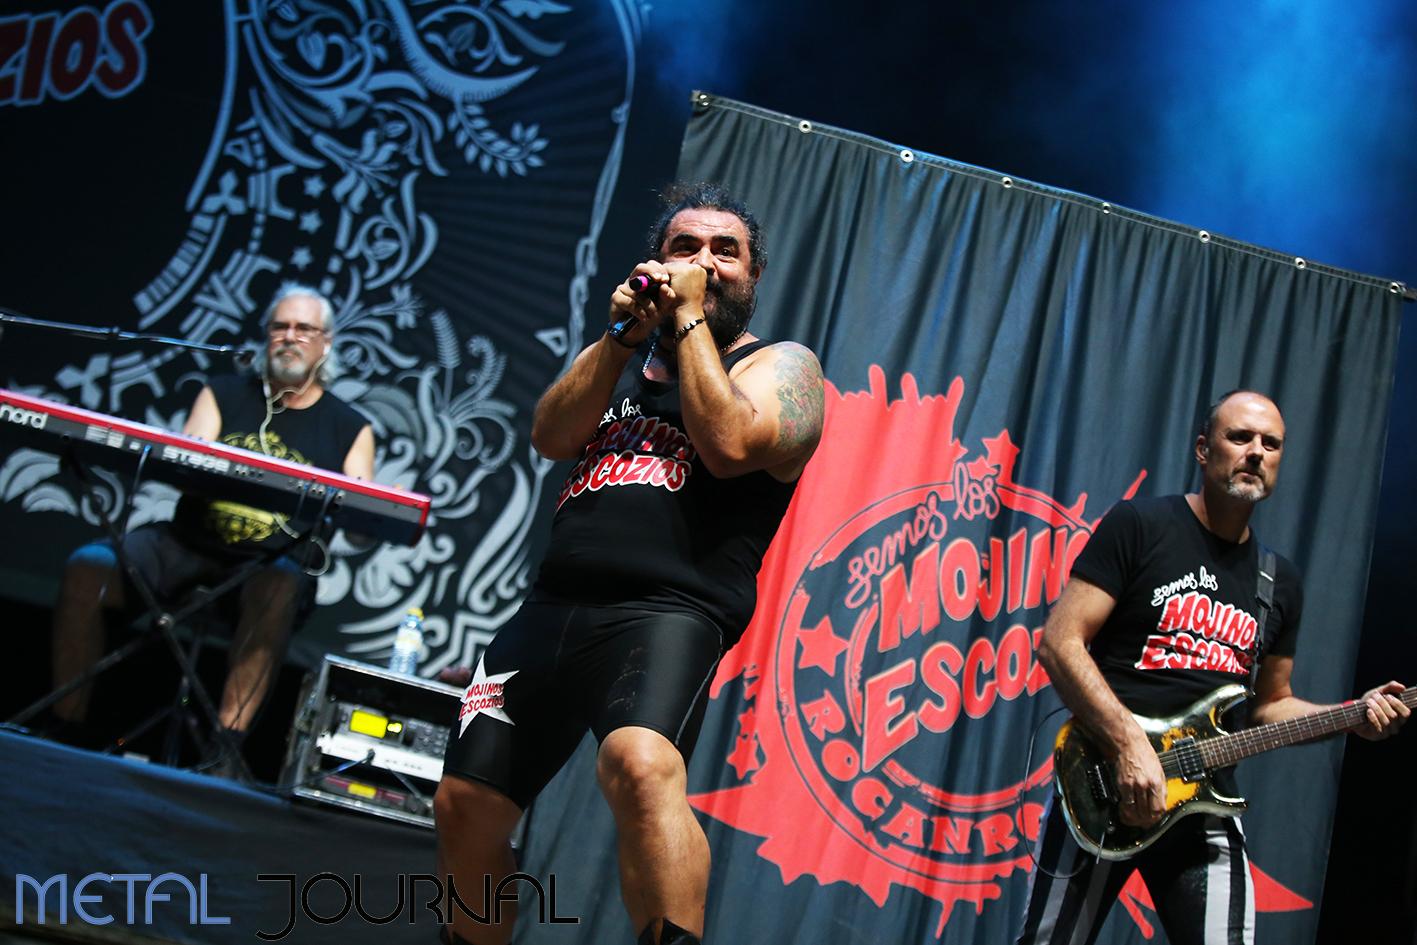 mojinos escozios - leyendas del rock 2019 metal journal pic 3